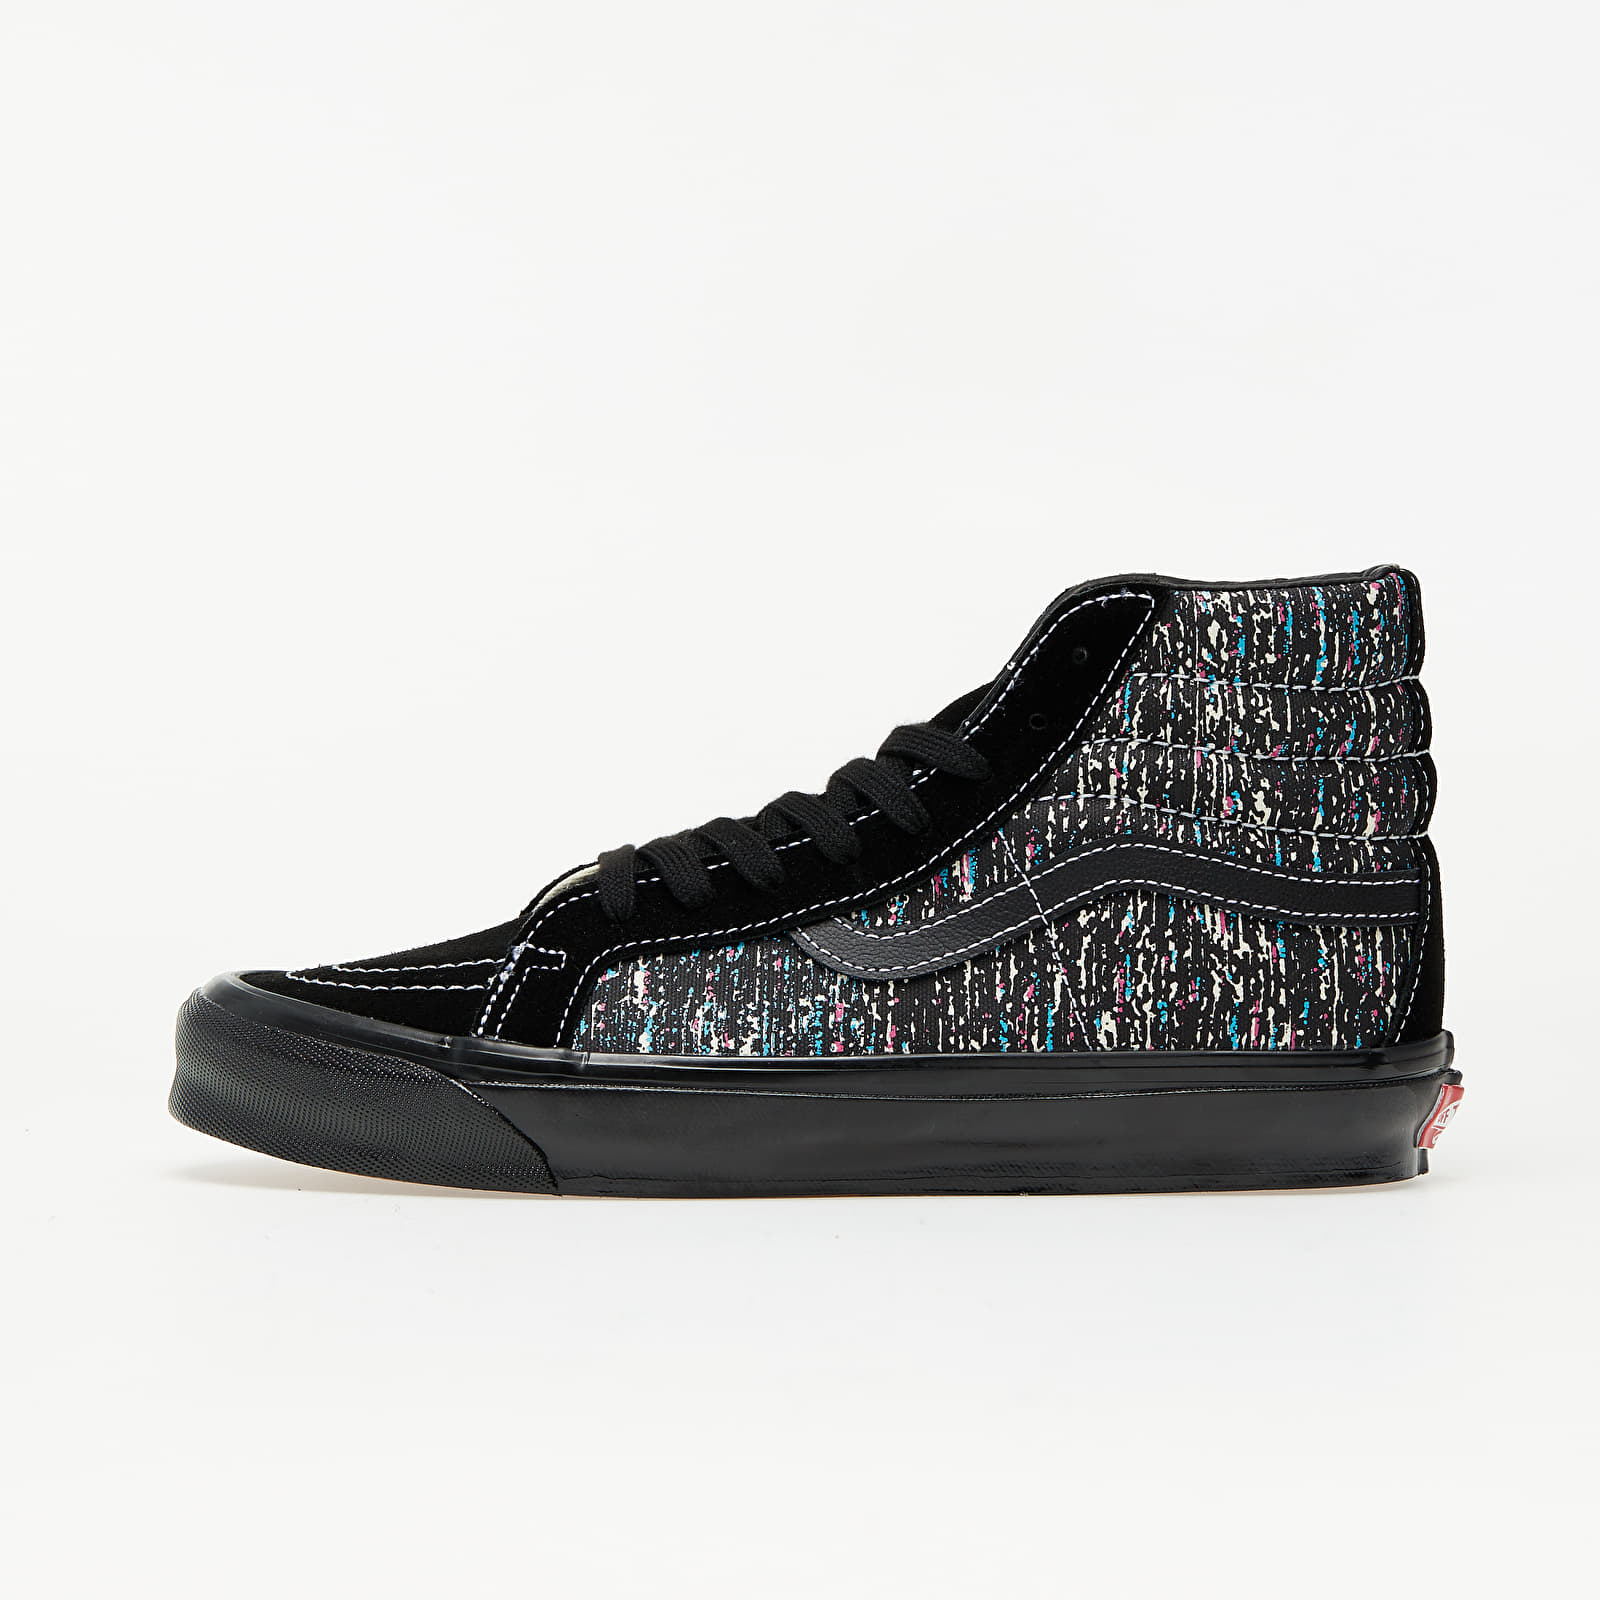 Vans OG Sk8-Hi LX (OG Static Print) Black/ Black EUR 36